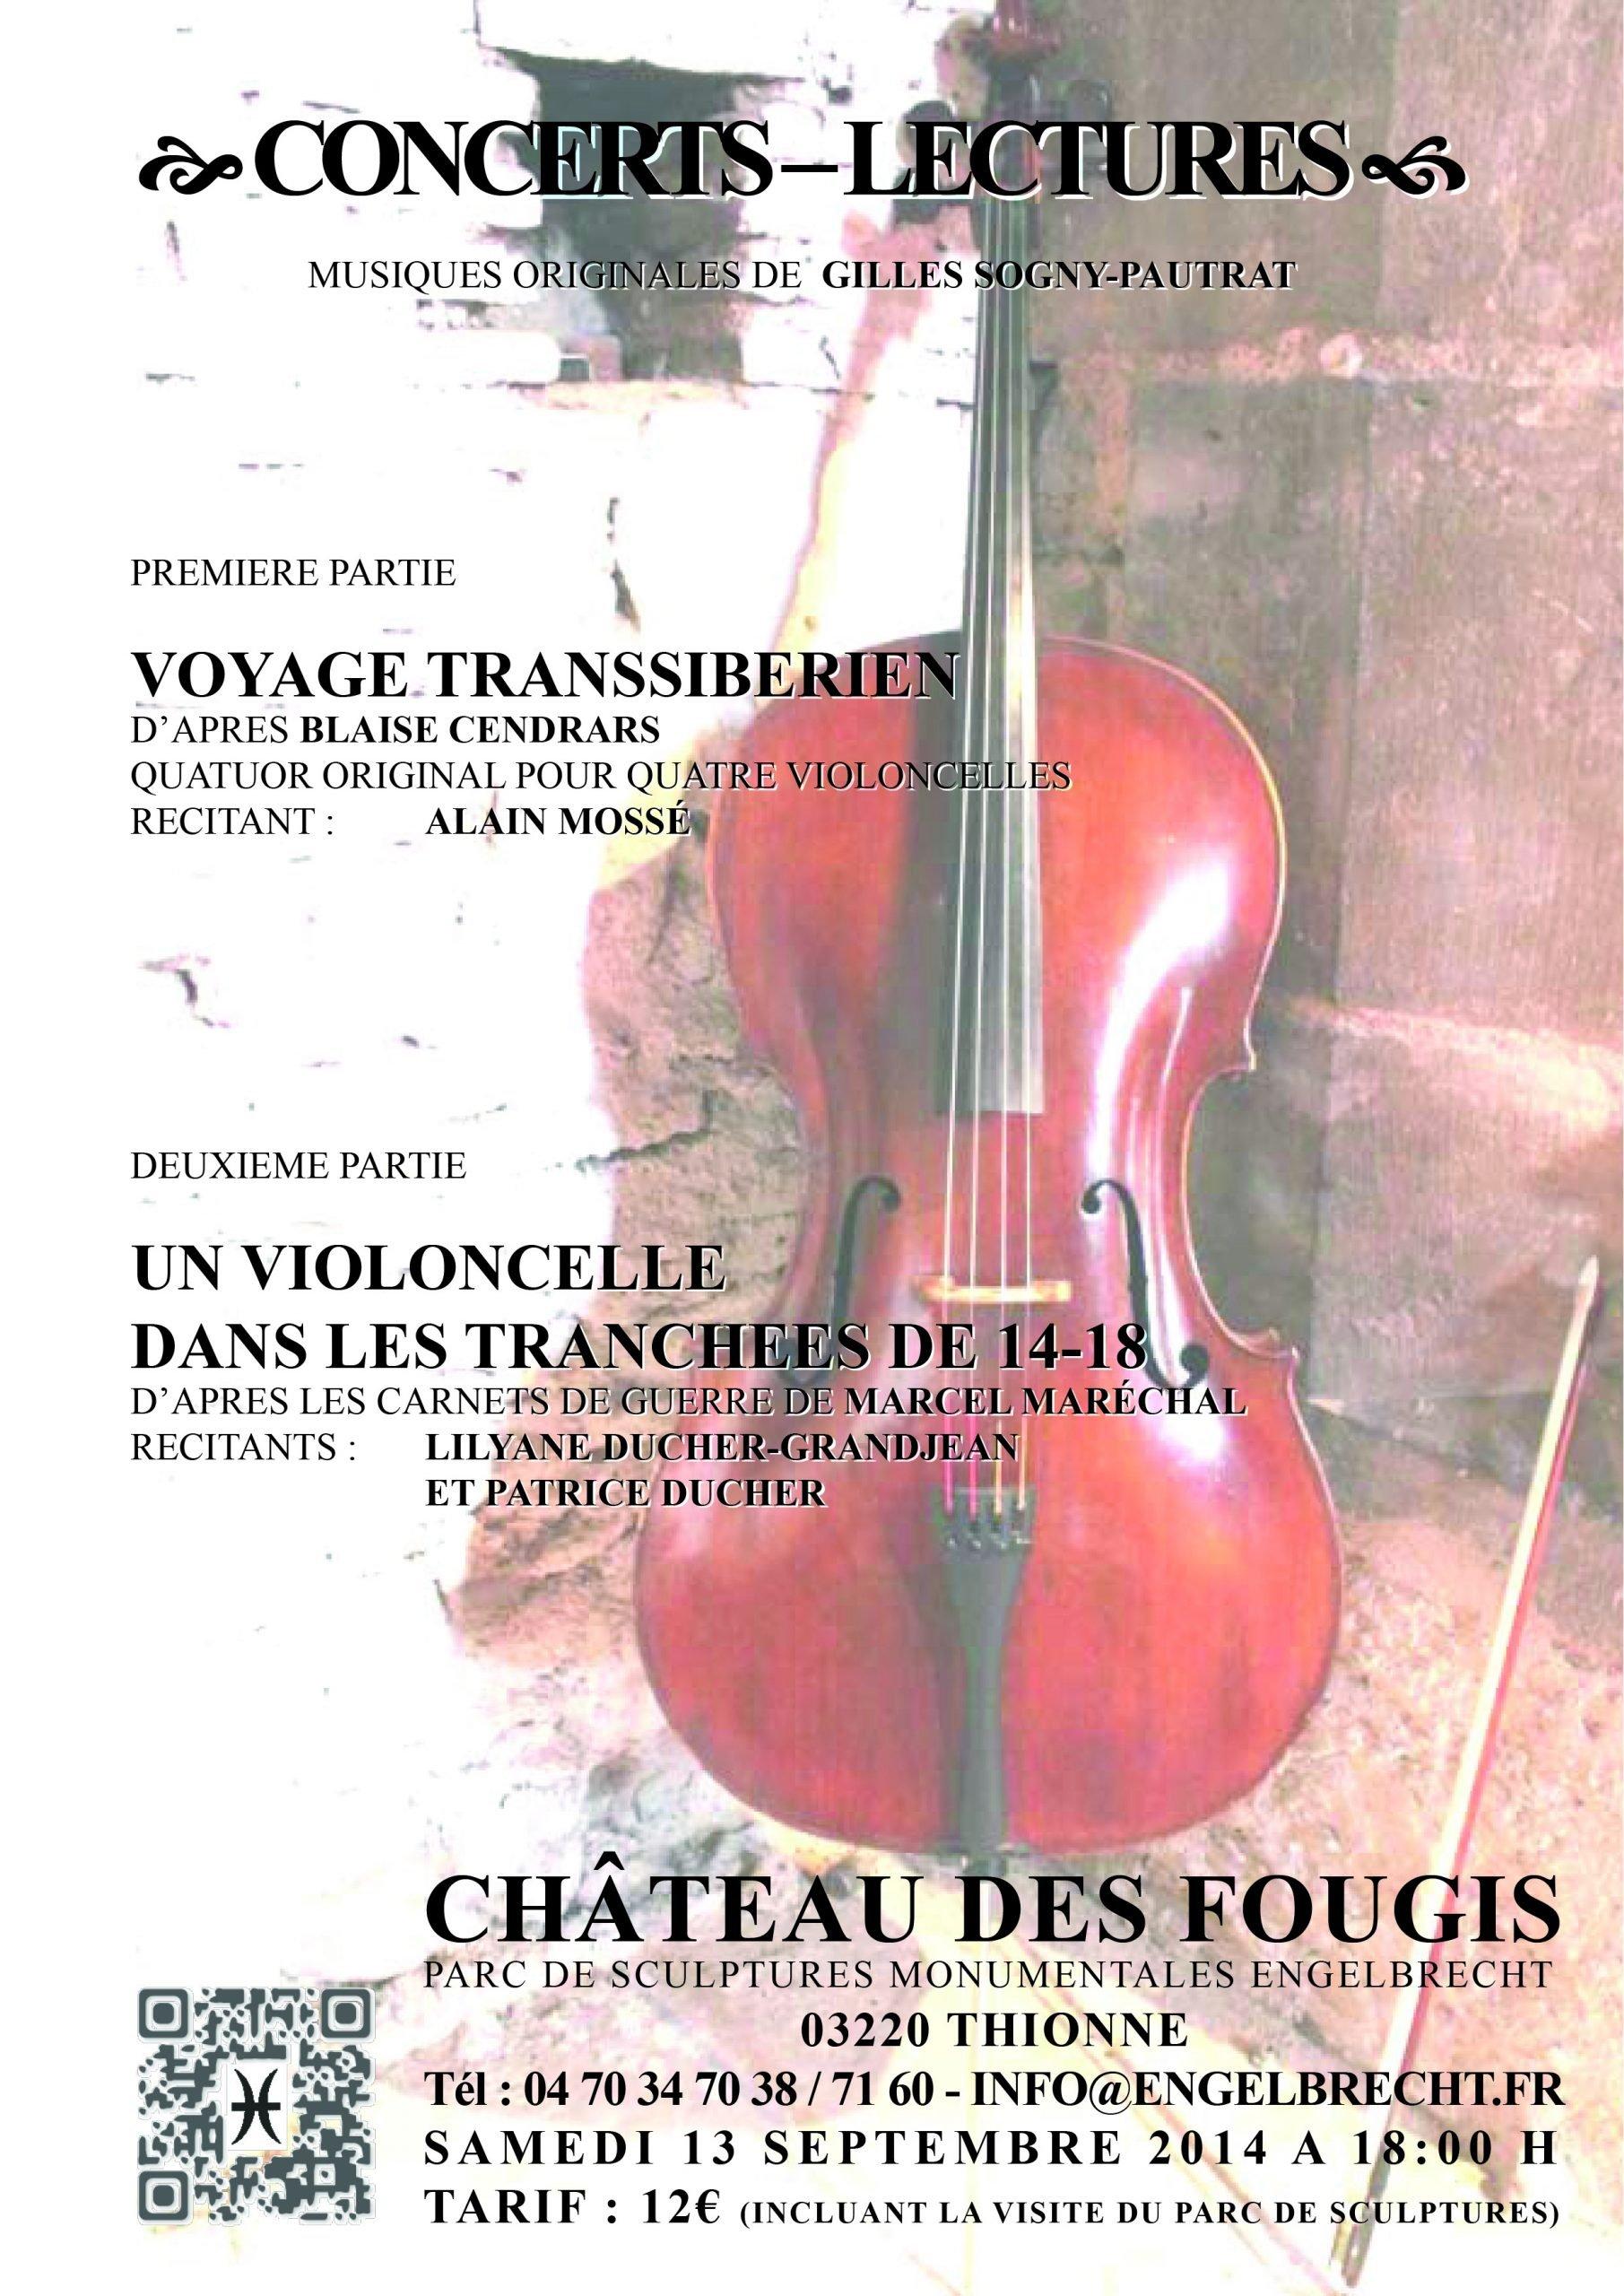 Konzert im chateau des Fougis